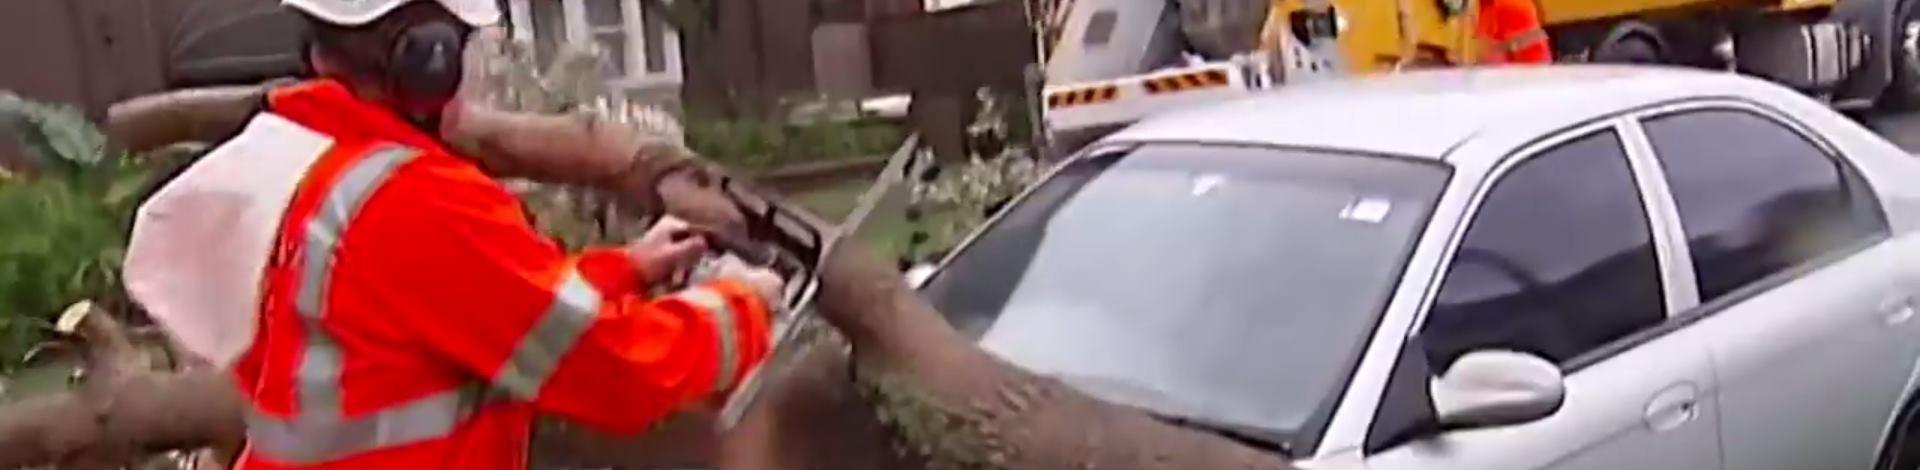 VIDEO: NEVRIJEME U AUSTRALIJI Jaka kiša i olujni vjetar izazvali pravi kaos u Sydneyju